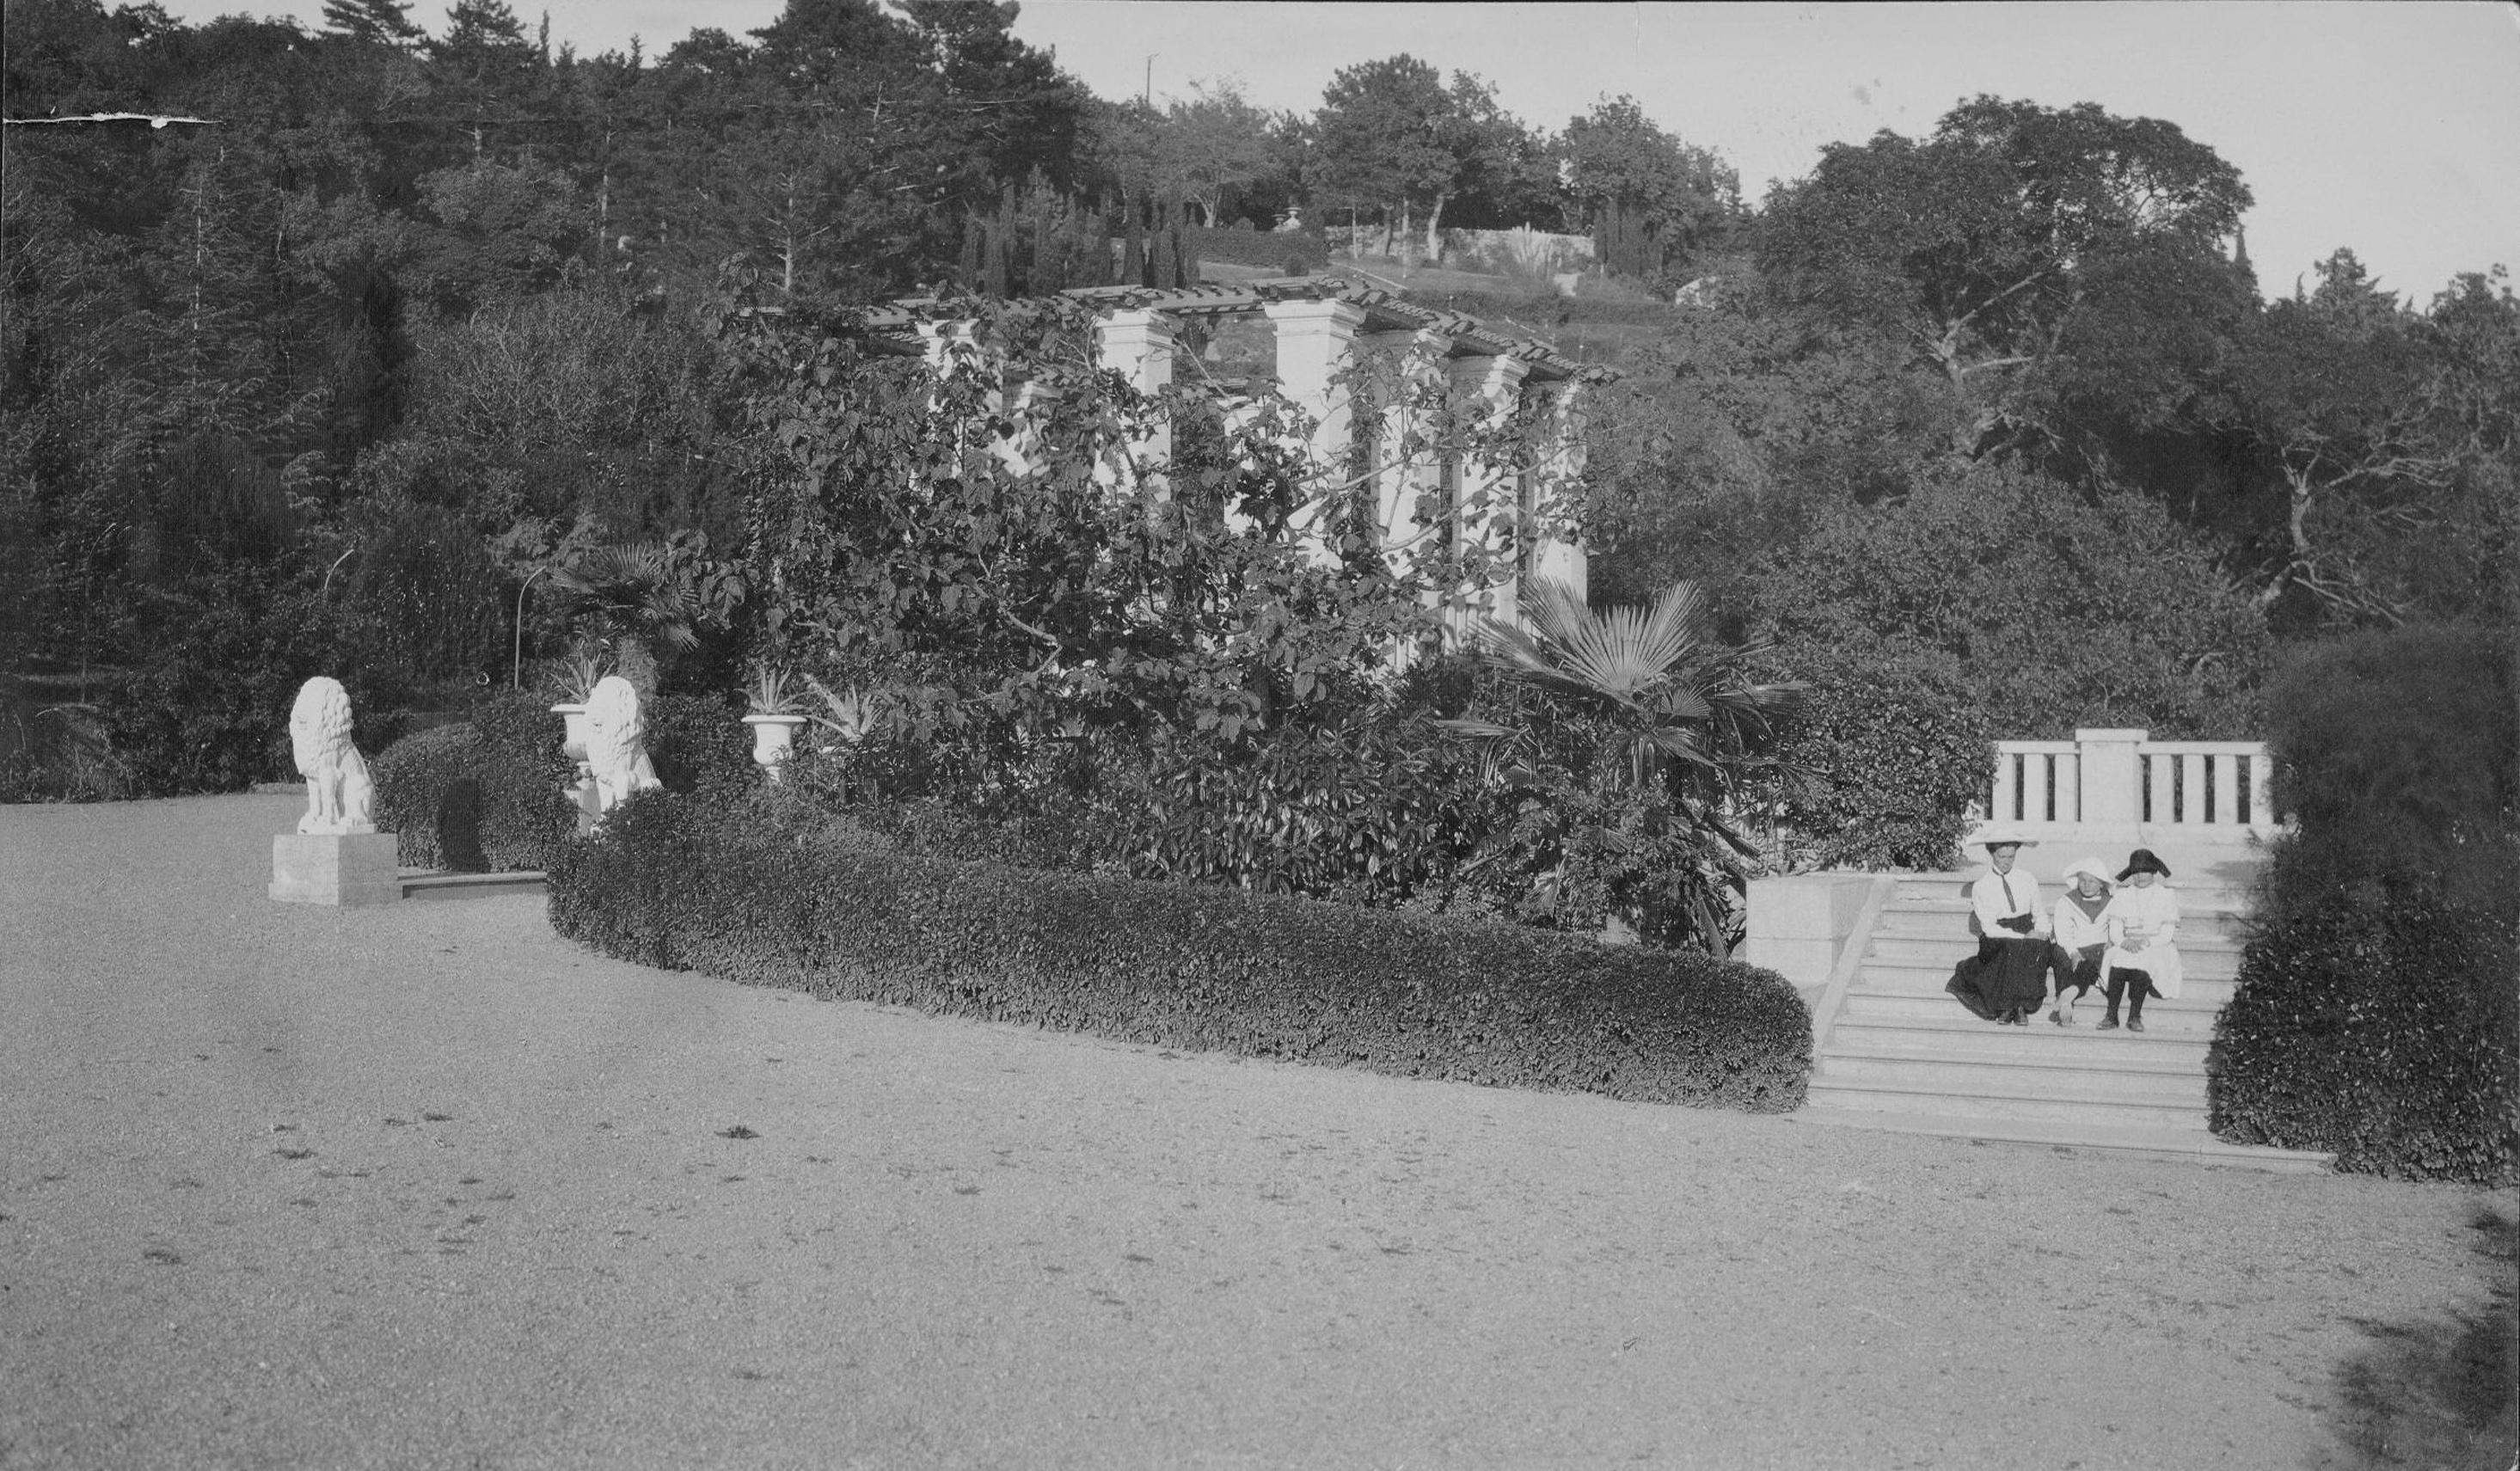 Верхняя терраса. Слуги Юсуповых с маленьким Николаем на прогулке. 1884